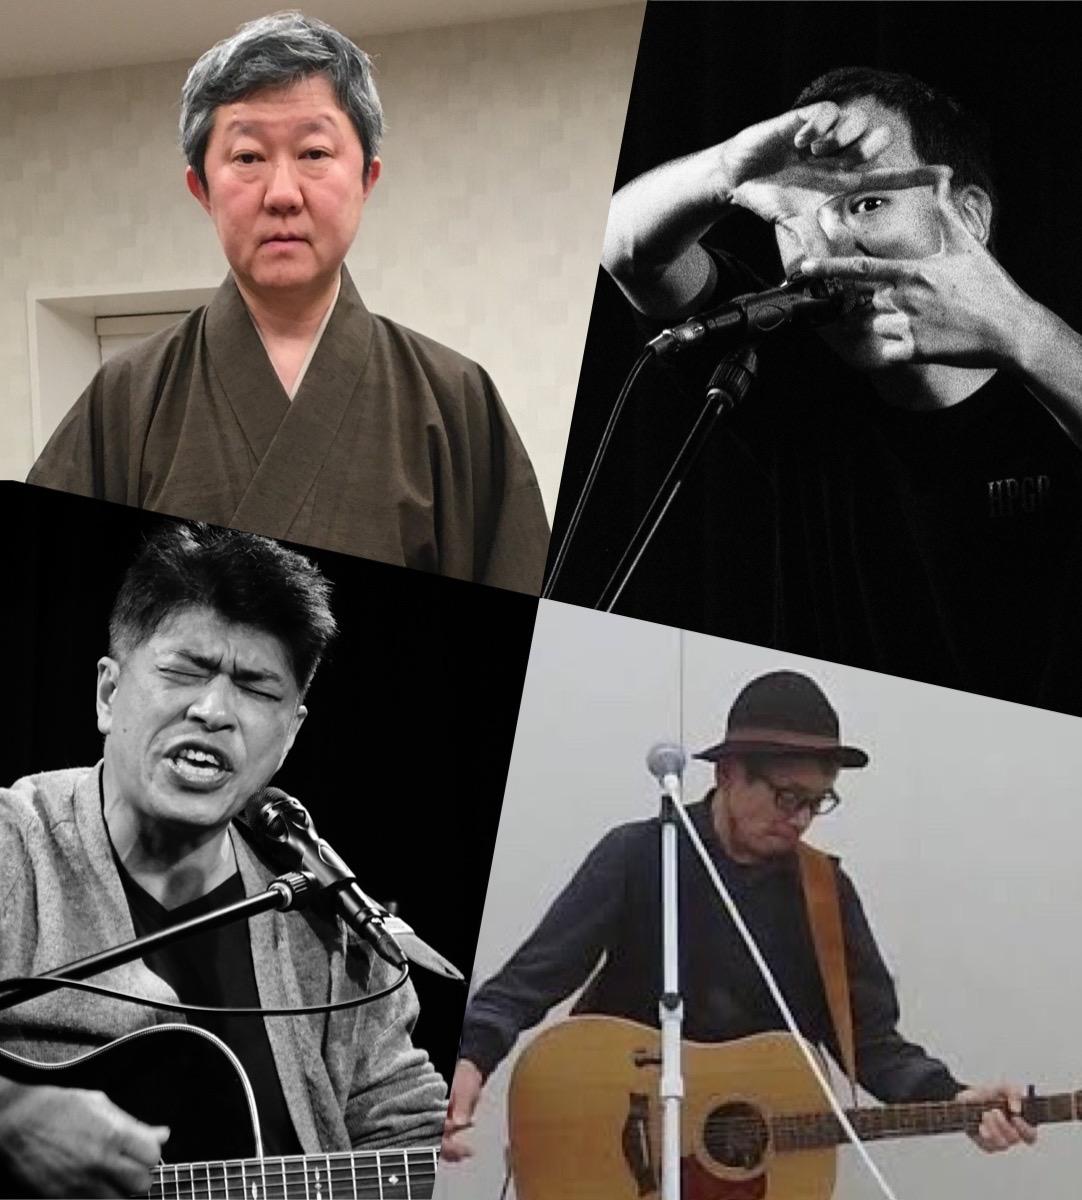 『めぐりめぐる今日のうた』出演:水口きみや / 藤原歩 / 栁下学 / 良雨